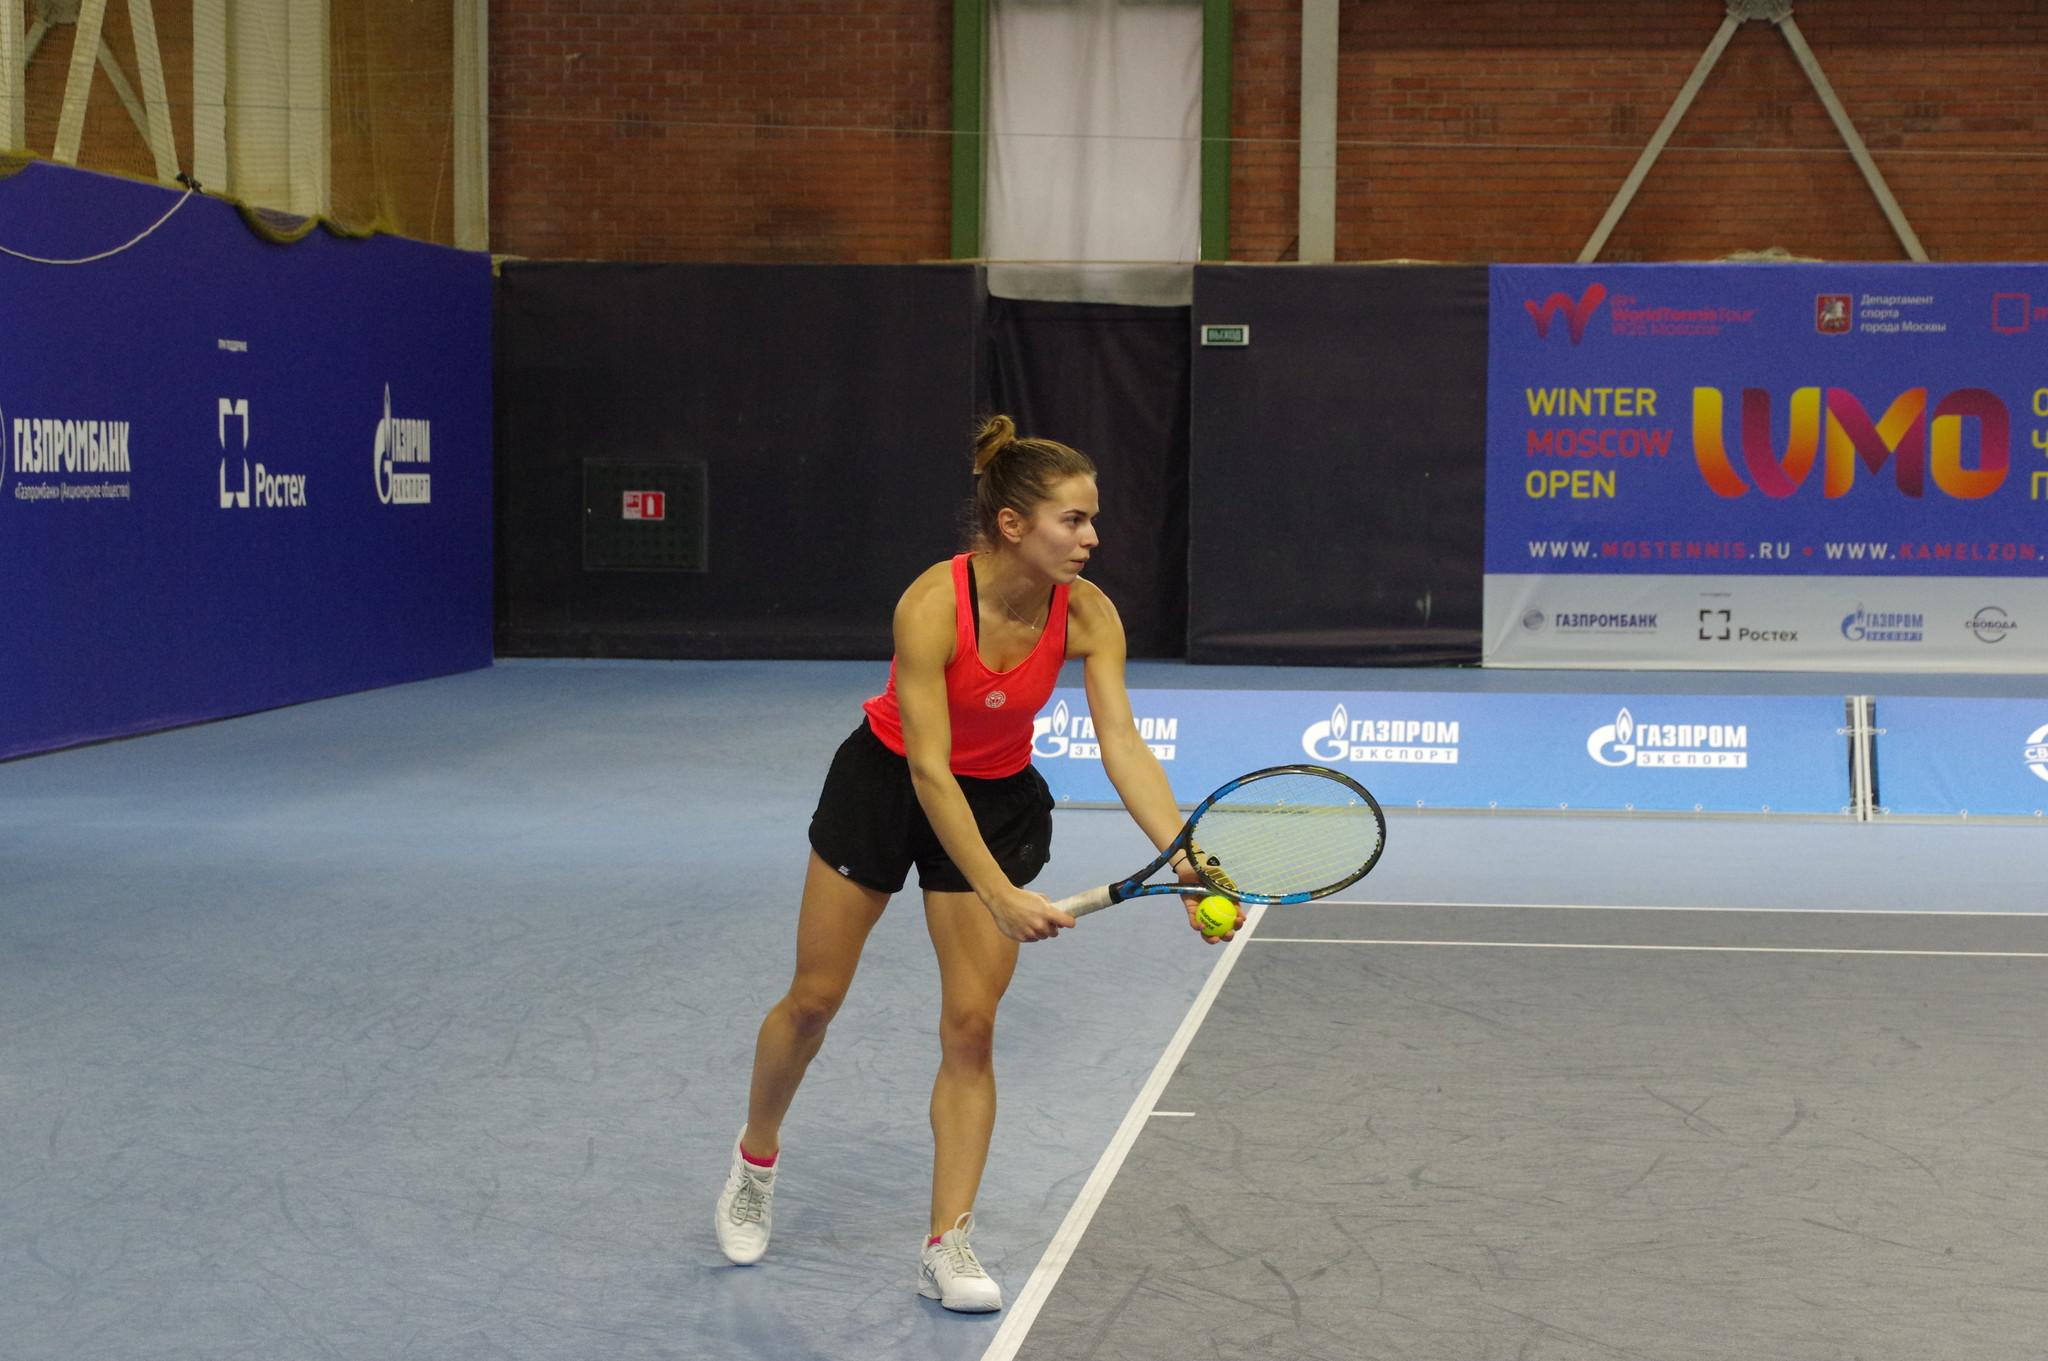 Греческая теннисистка Валентини Грамматикопулу